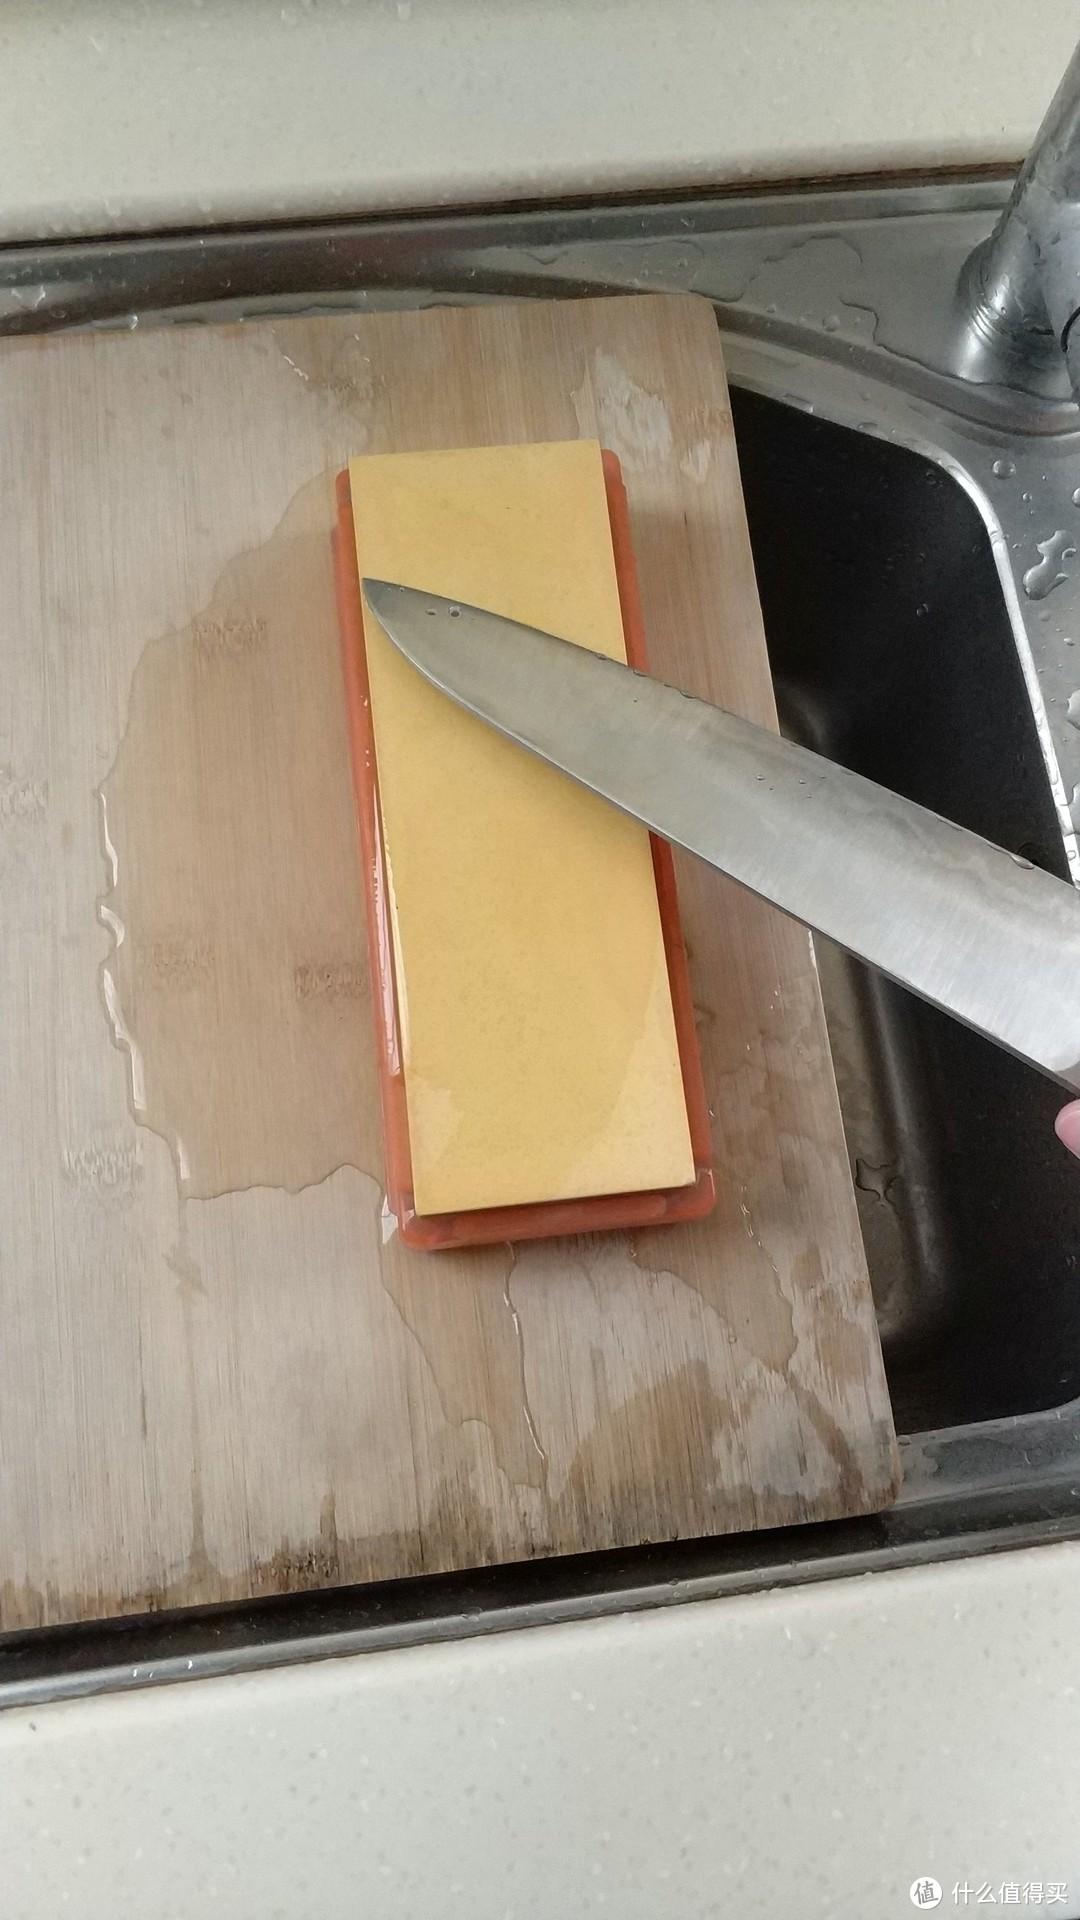 #原创新人#迟到的双十一KAI 贝印 厨刀 开箱简评及个人厨刀研磨介绍